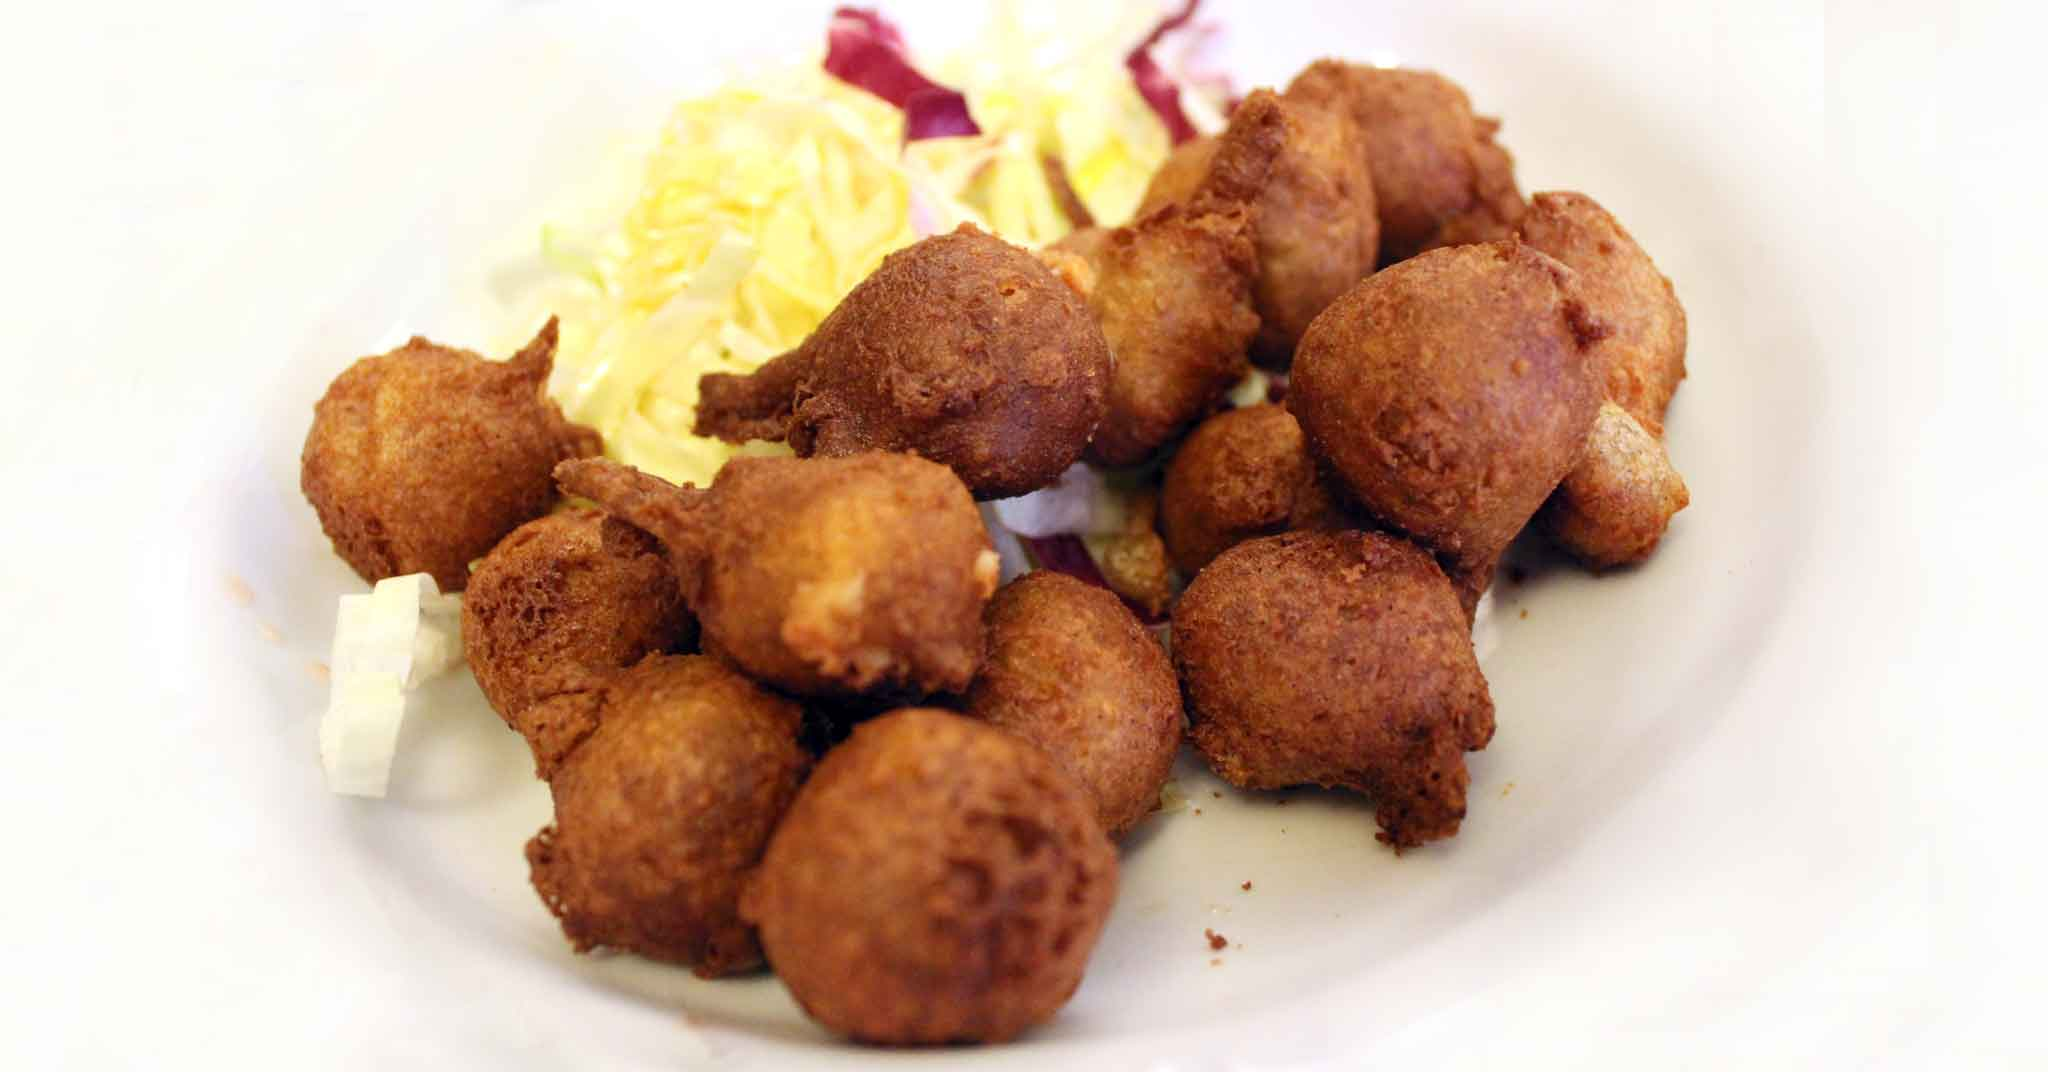 Agriturismo le case dei baff per un pranzo tipico in valtellina a